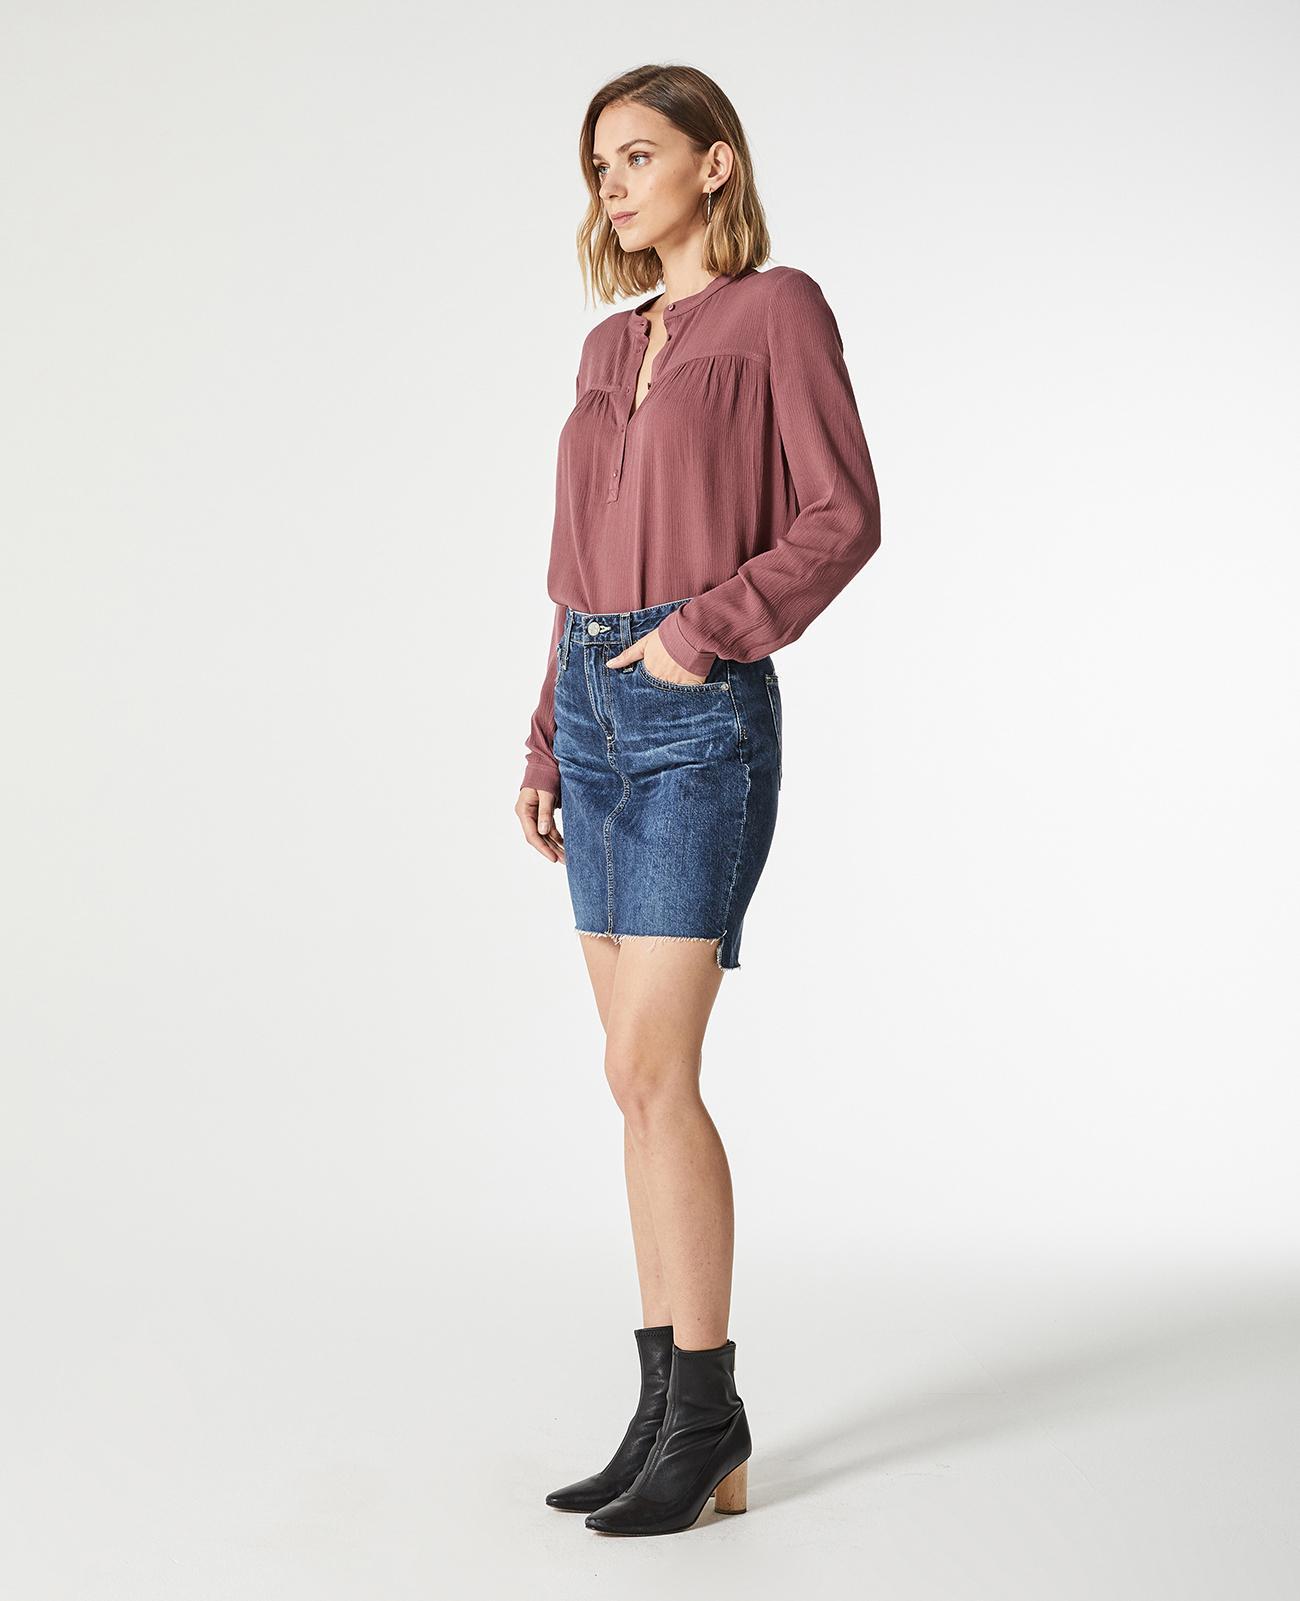 The Erin Skirt